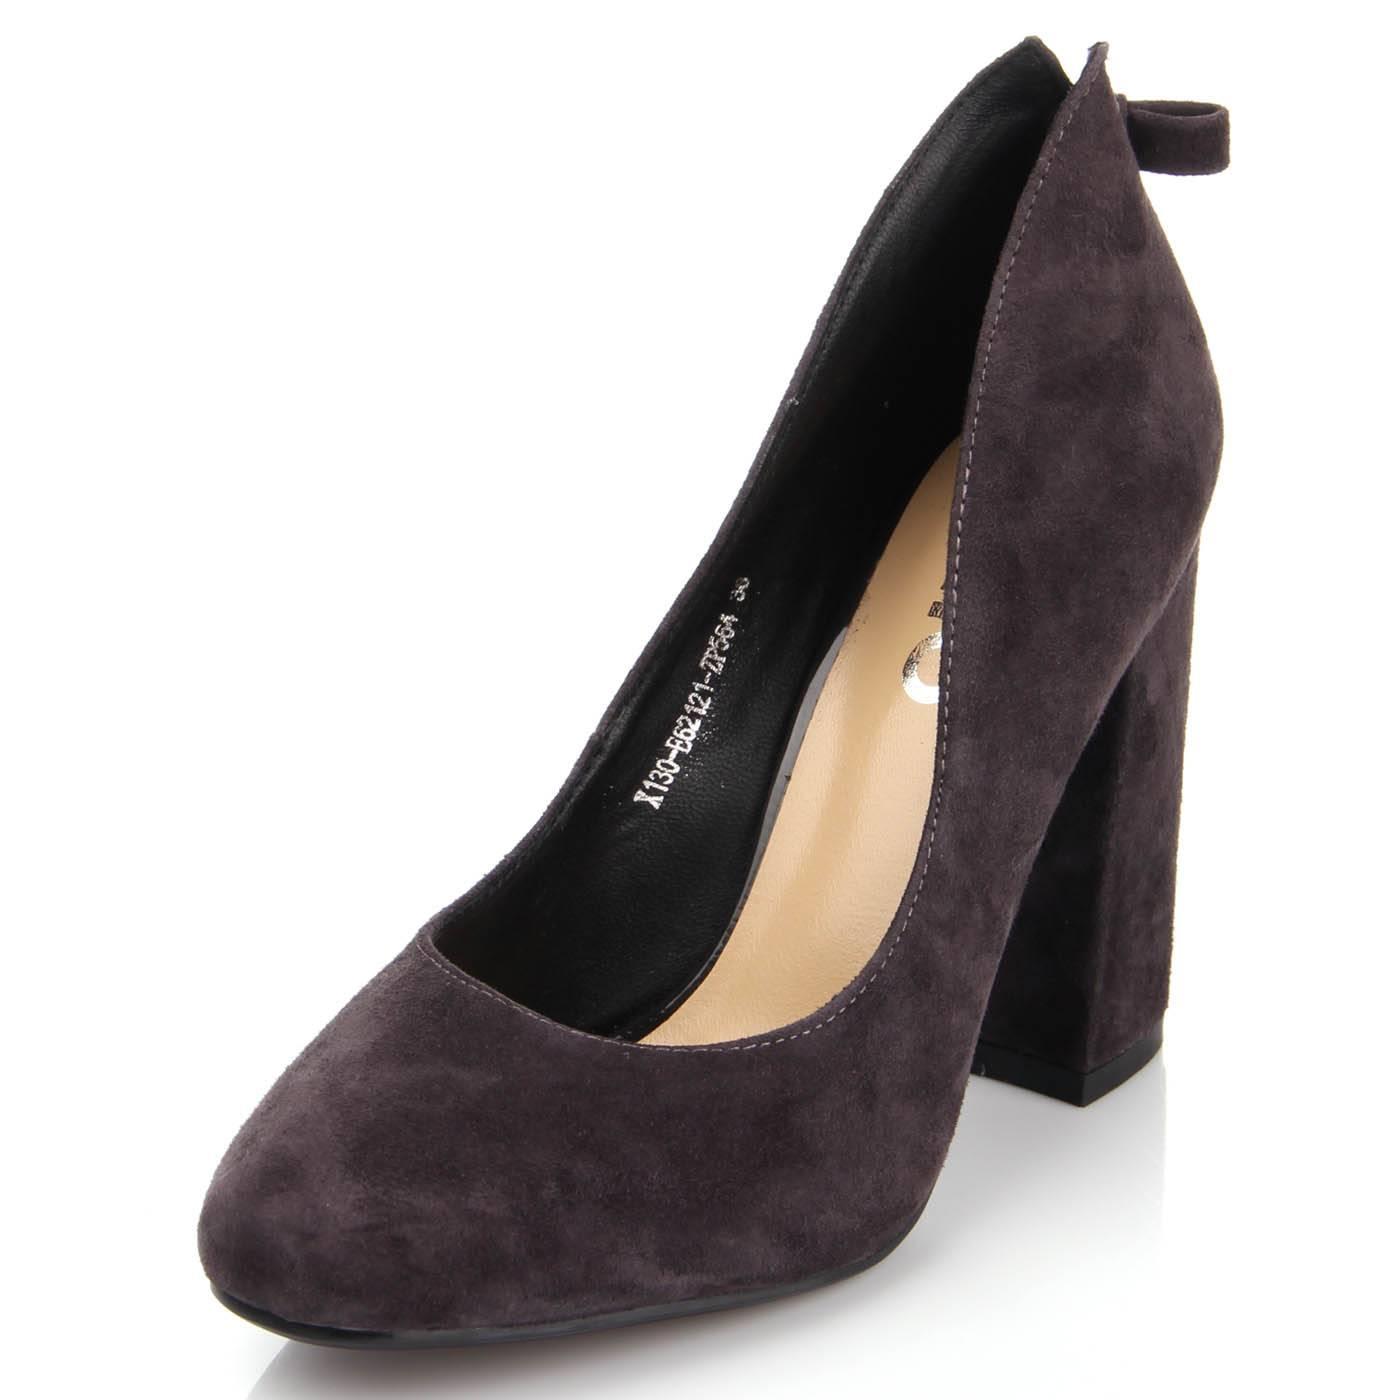 Туфлі жіночі ditto 6836 Сірий купить по выгодной цене в интернет ... f721061a1cad6